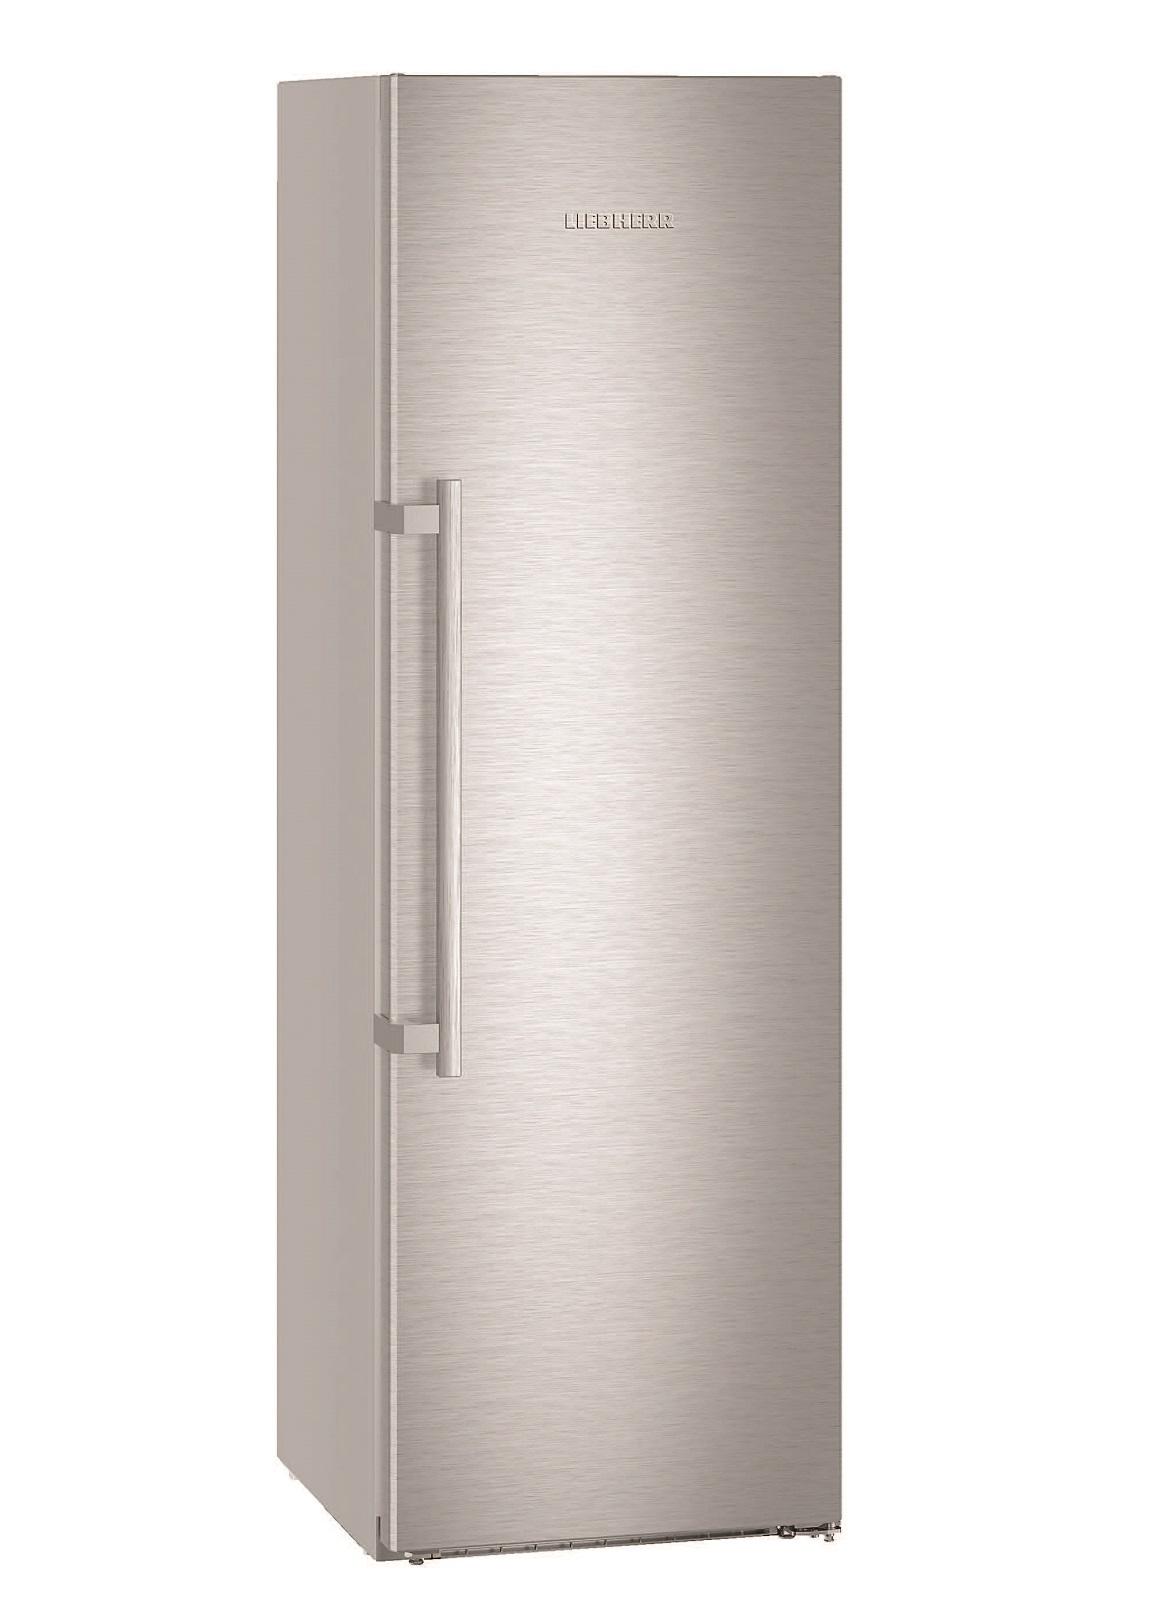 купить Однокамерный холодильник Liebherr Kef 4370 Украина фото 4